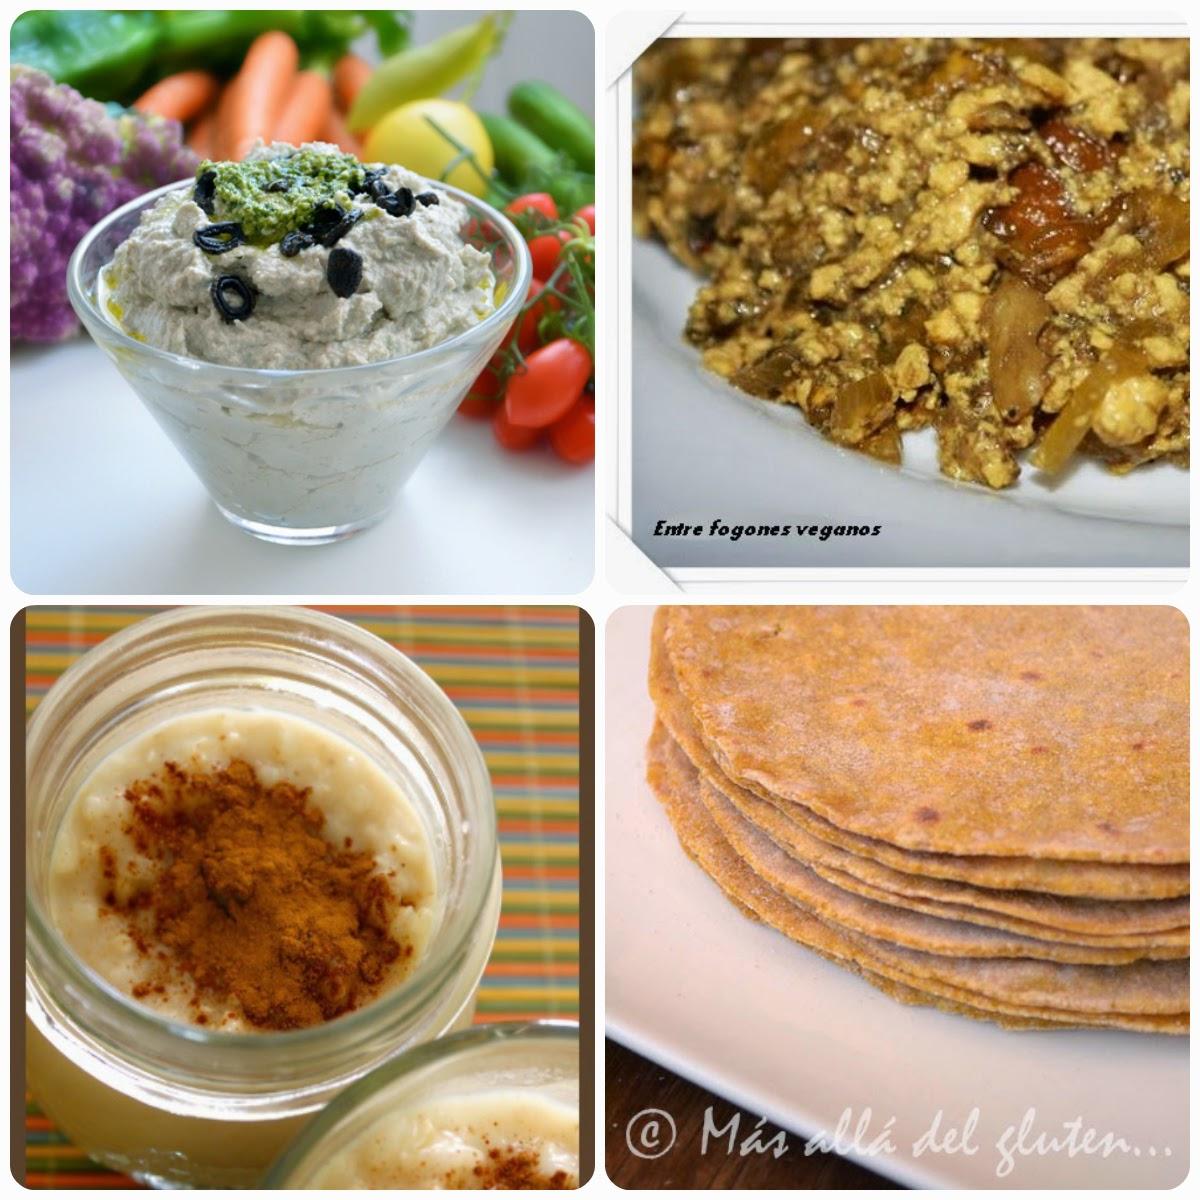 Recetas del décimo séptimo Menú vegetariano con recetas de otros blogs.